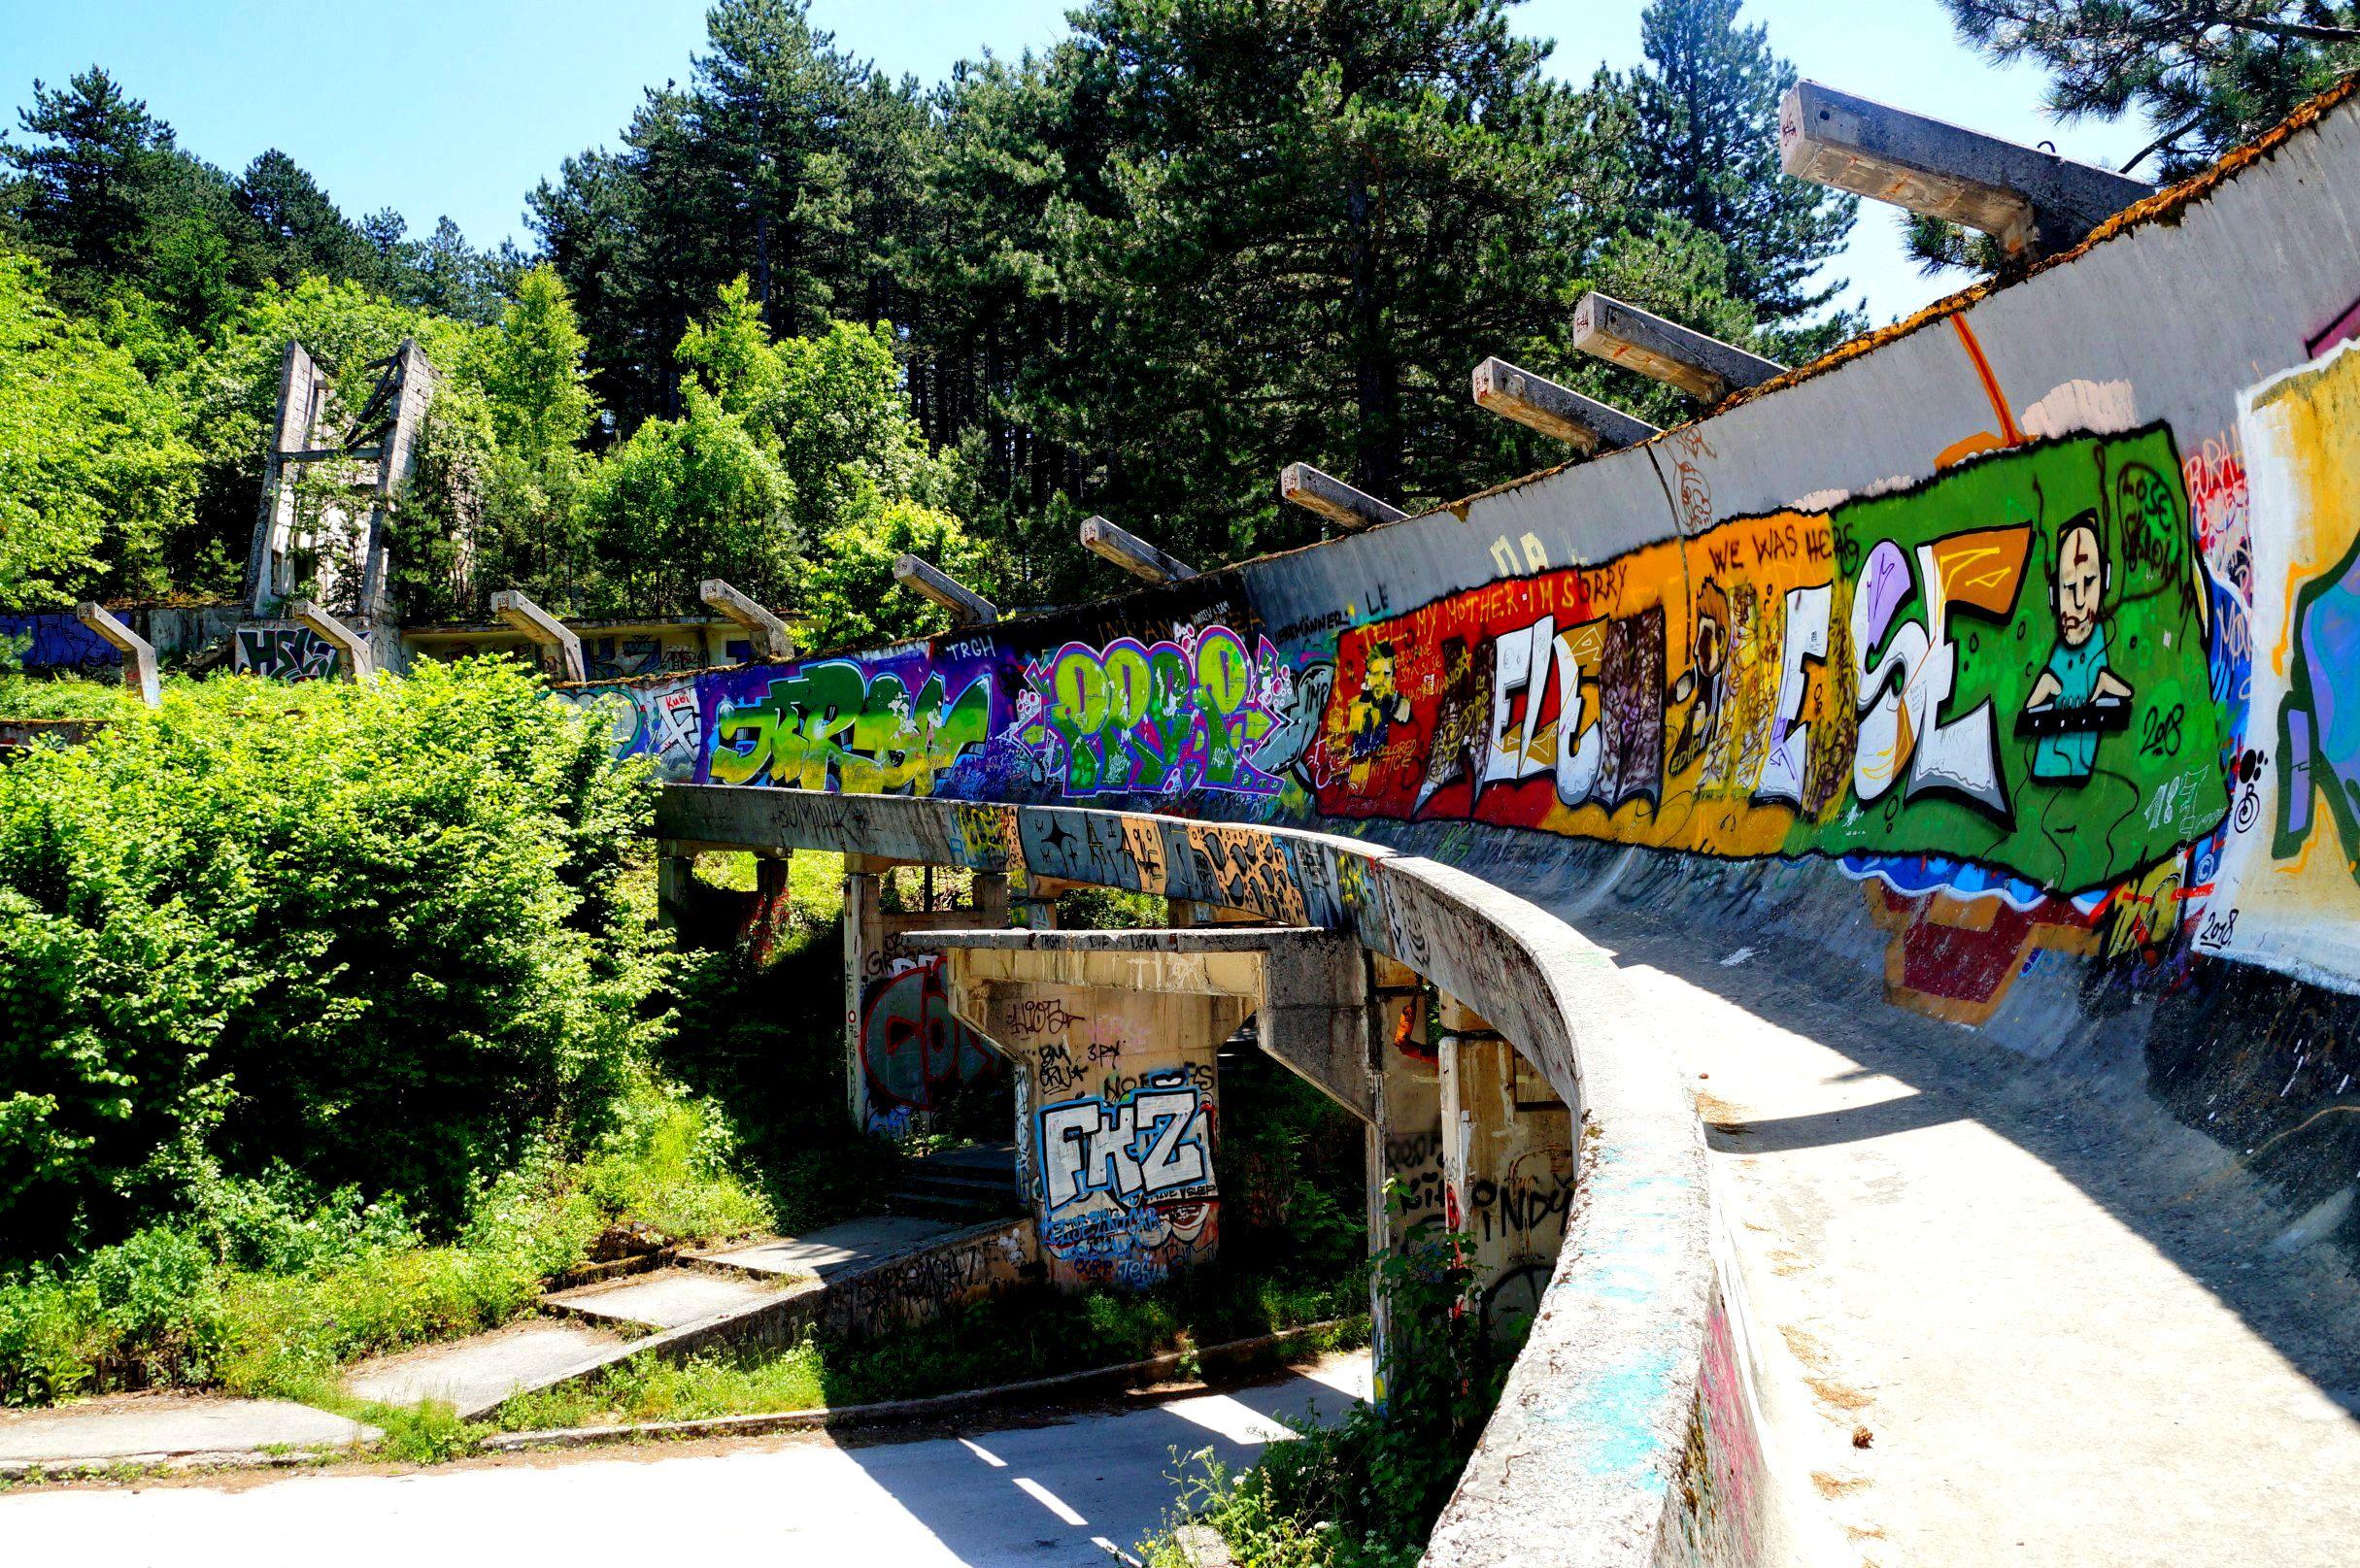 Zniszczony tor saneczkkowo-bobslejowy w Sarajewie